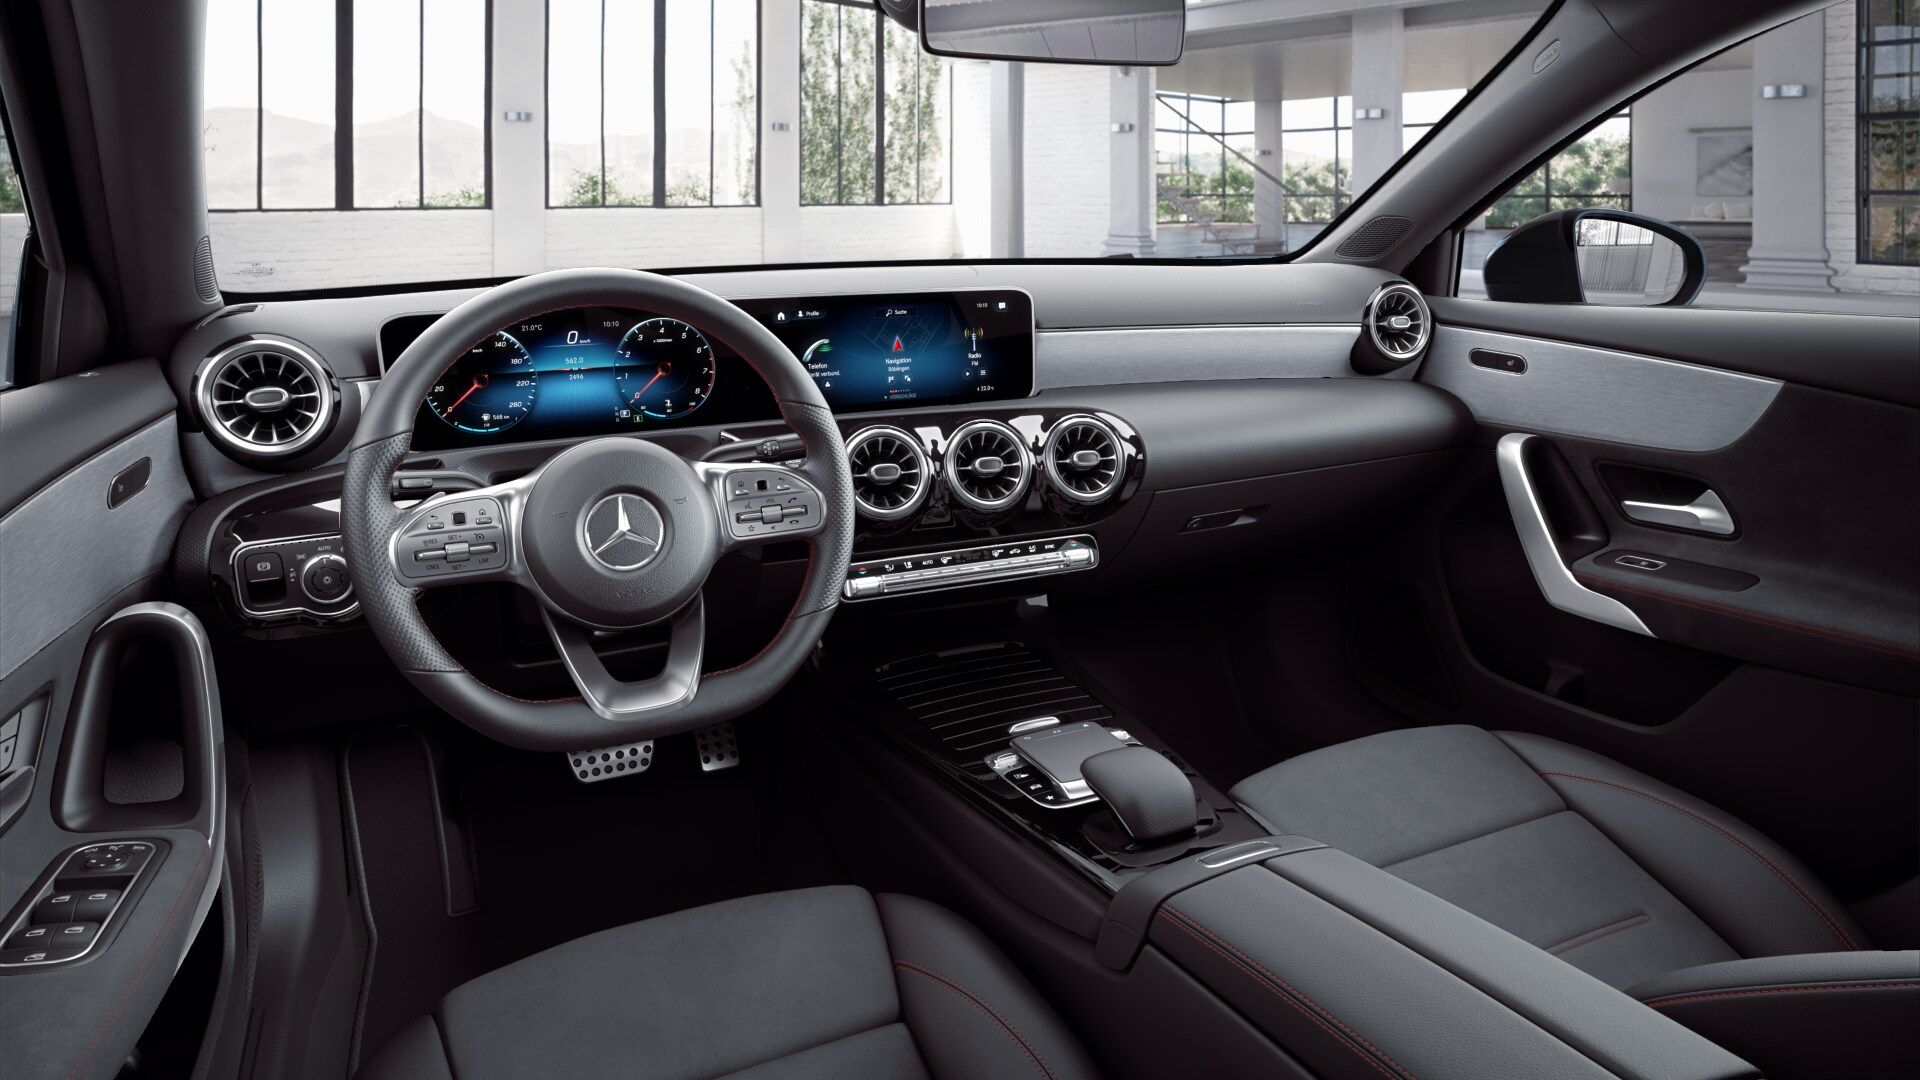 Mercedes A-Klasse automaat - 1553149776 (1).jpg